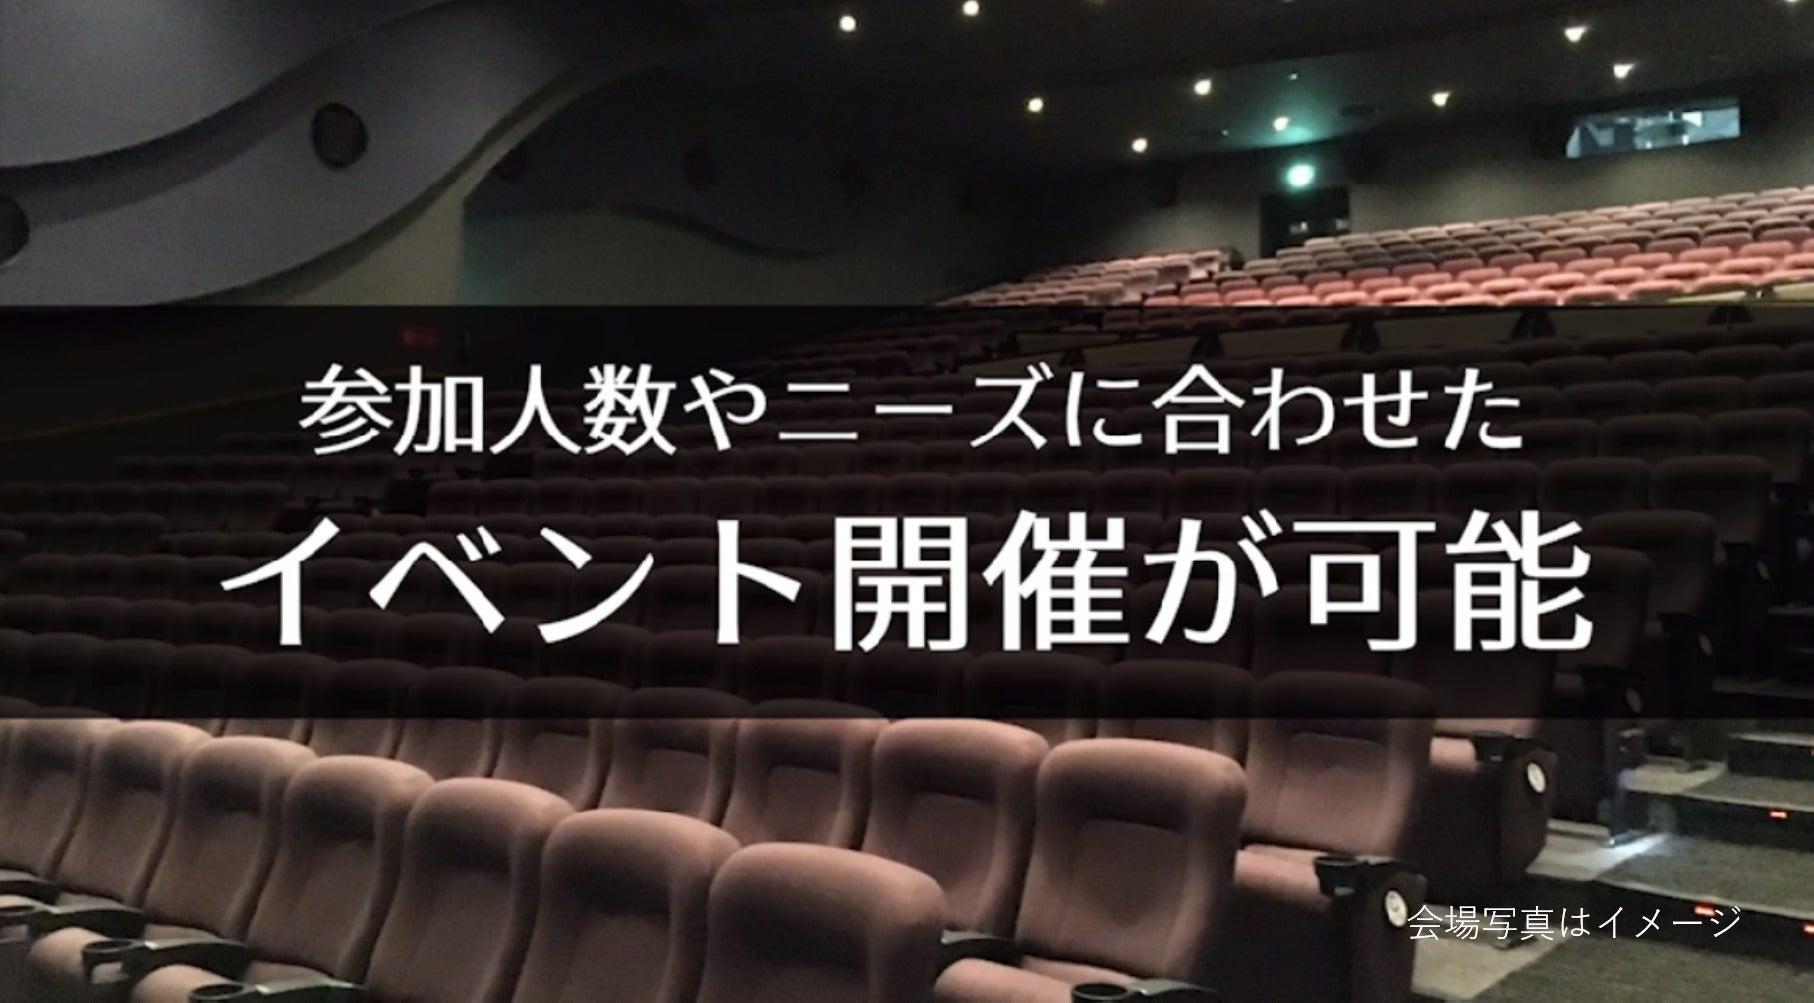 【豊橋 149席】映画館で、会社説明会、株主総会、講演会の企画はいかがですか?(ユナイテッド・シネマ豊橋18) の写真0